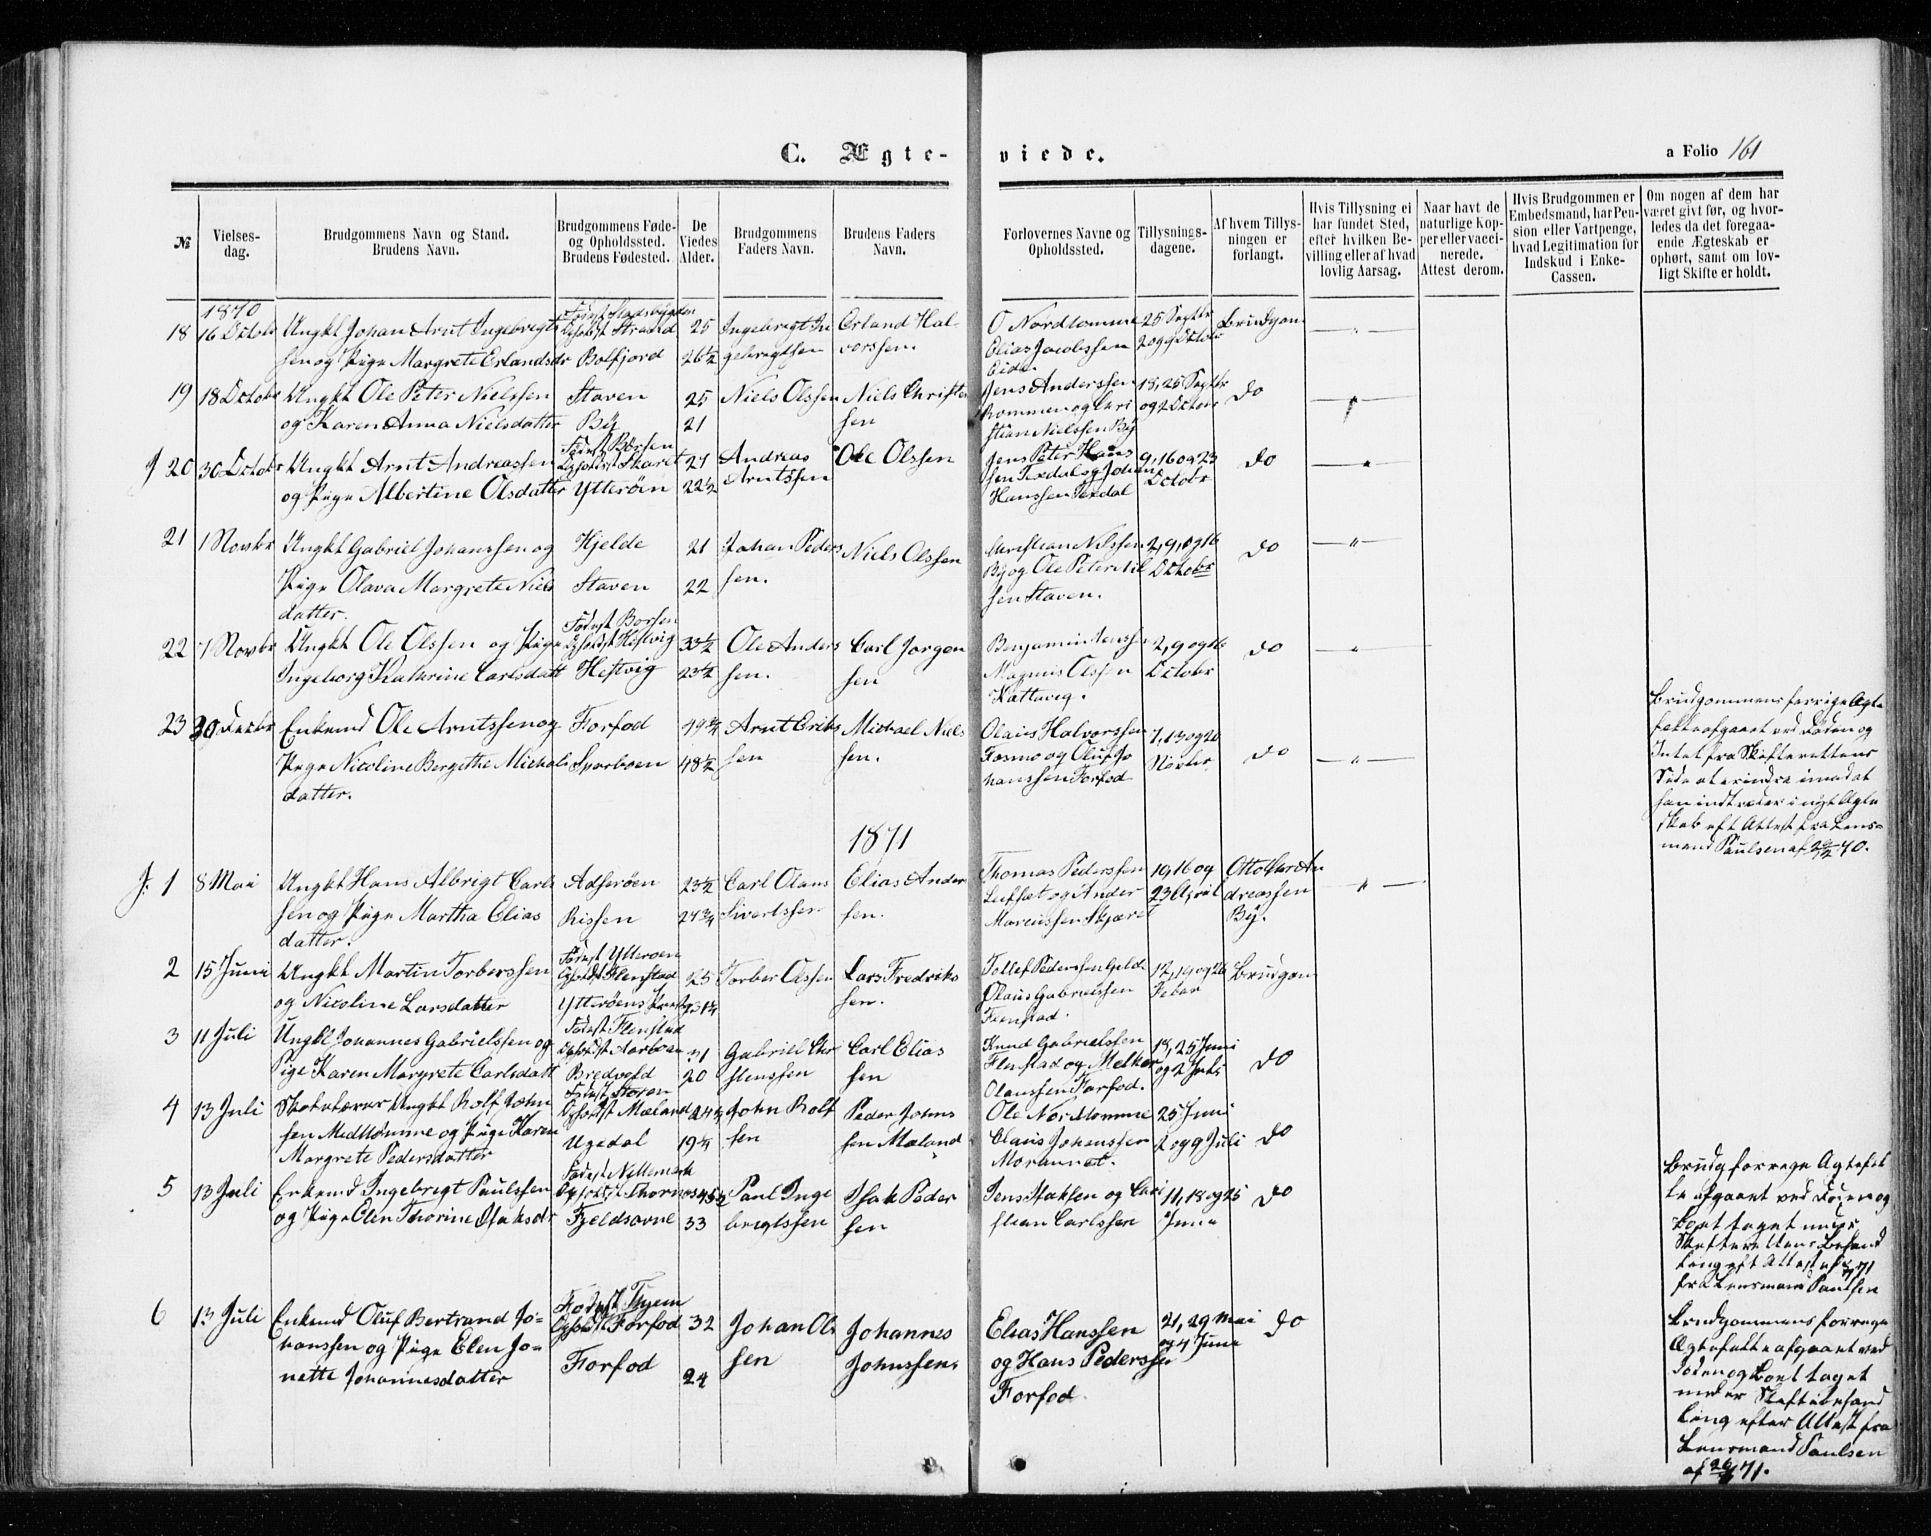 SAT, Ministerialprotokoller, klokkerbøker og fødselsregistre - Sør-Trøndelag, 655/L0678: Ministerialbok nr. 655A07, 1861-1873, s. 161